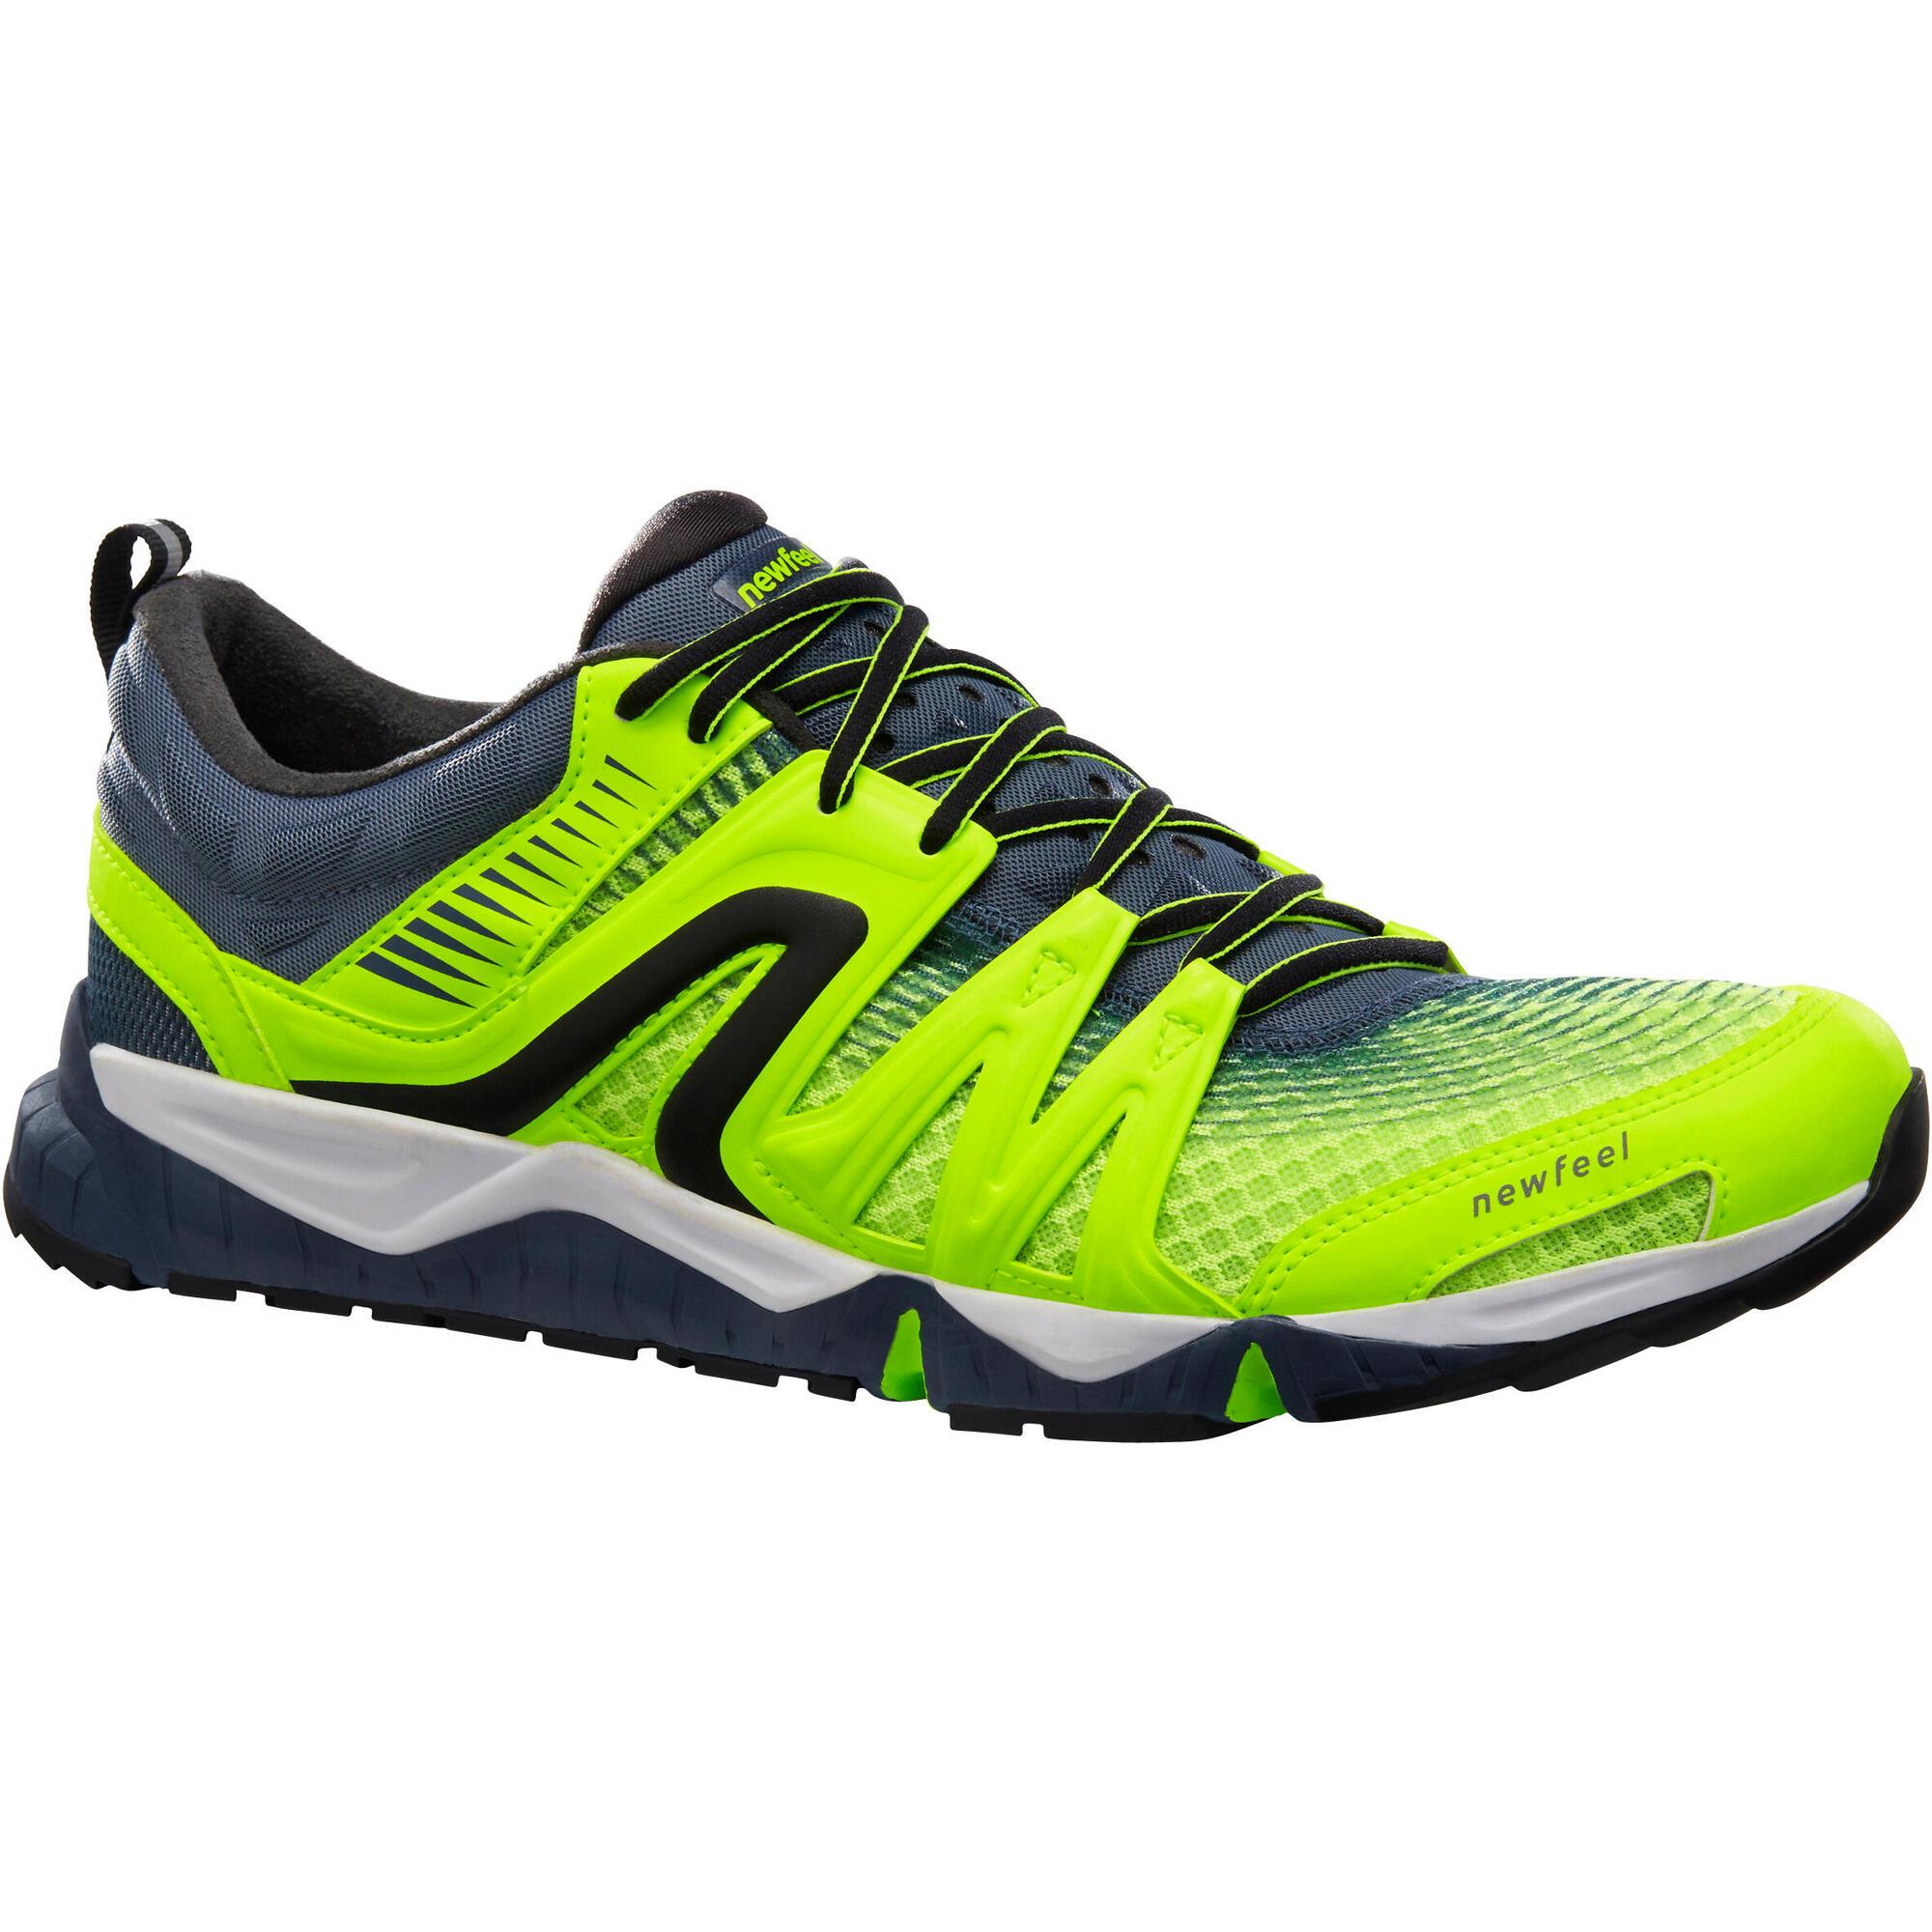 Zapatillas marcha deportiva/atlética hombre PW 900 Propulse Motion ...